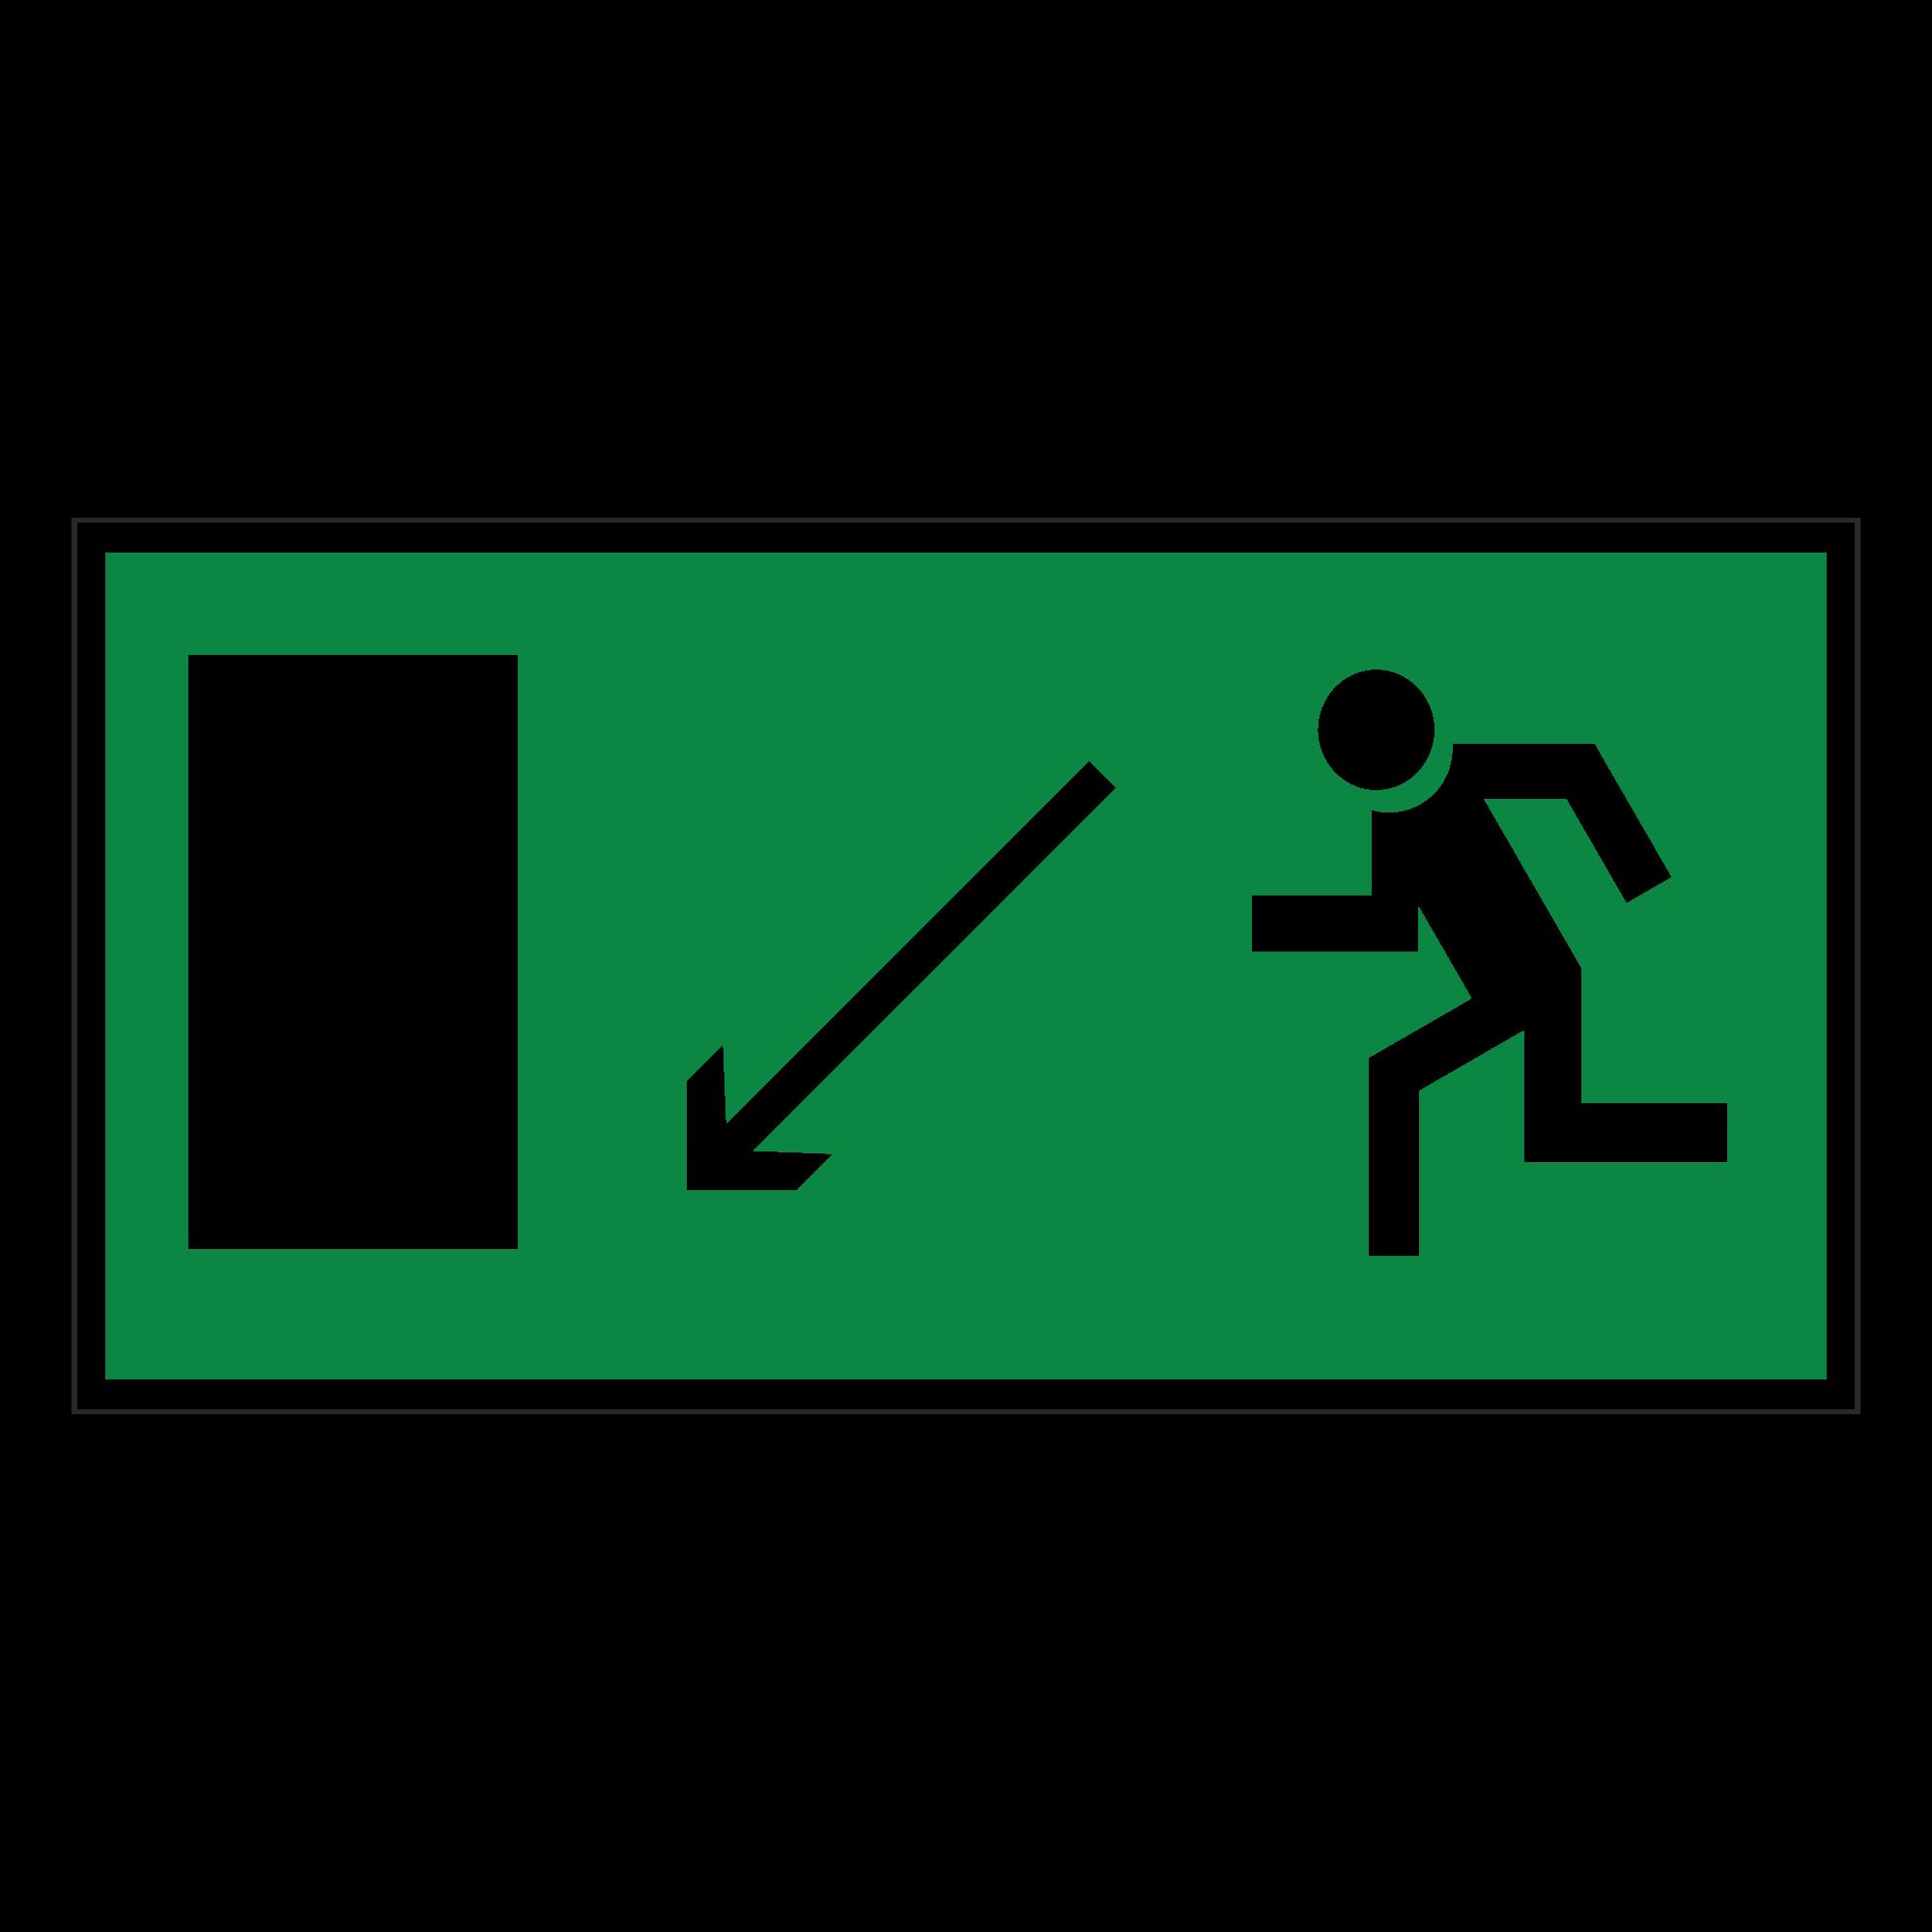 Е08 Направление к эвакуационному выходу налево вниз